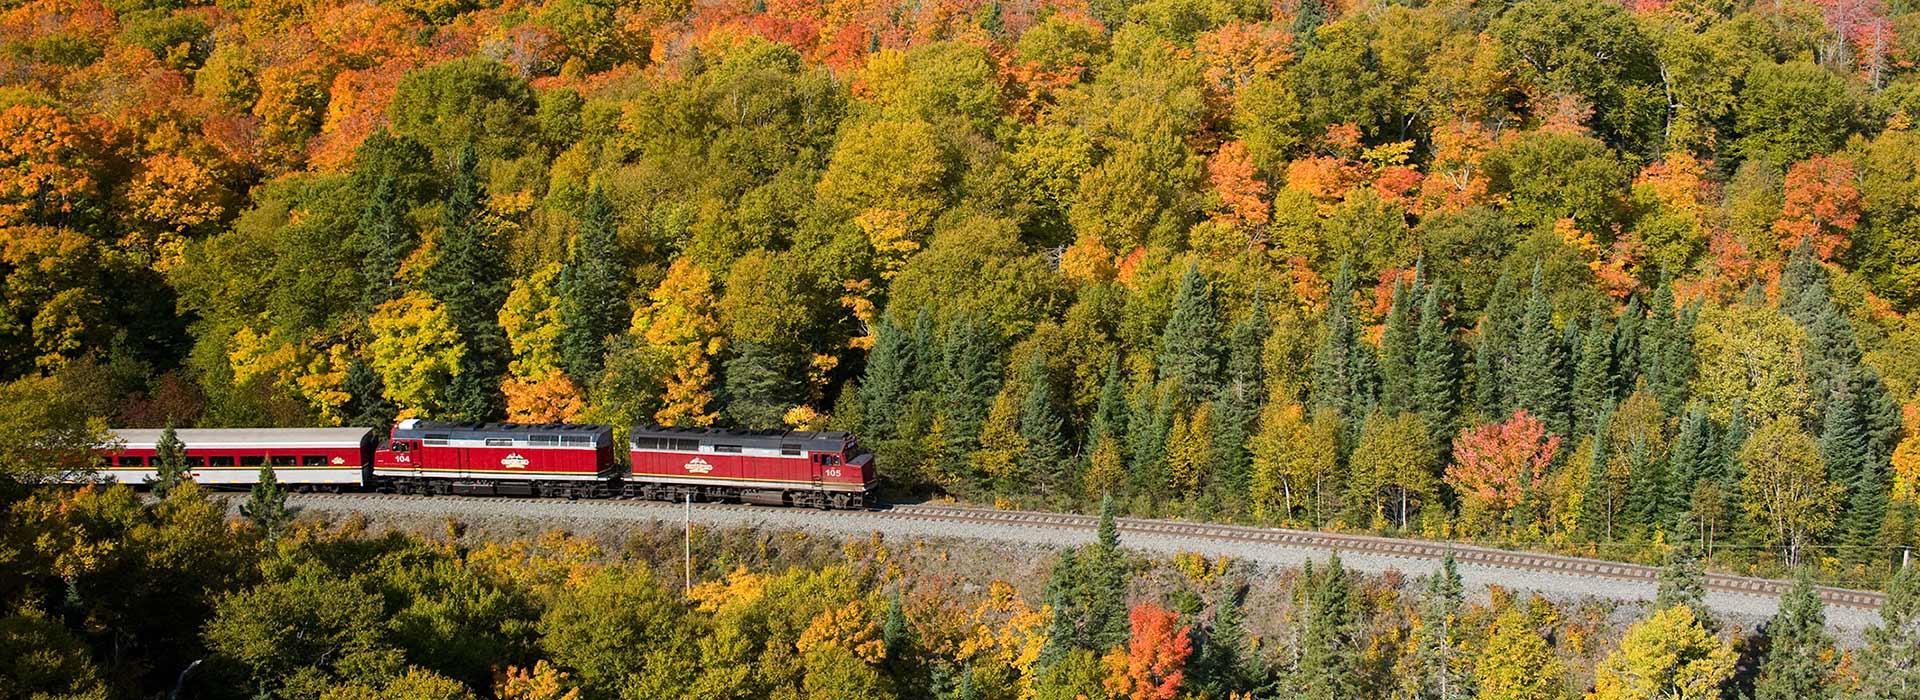 rail-excursions-header